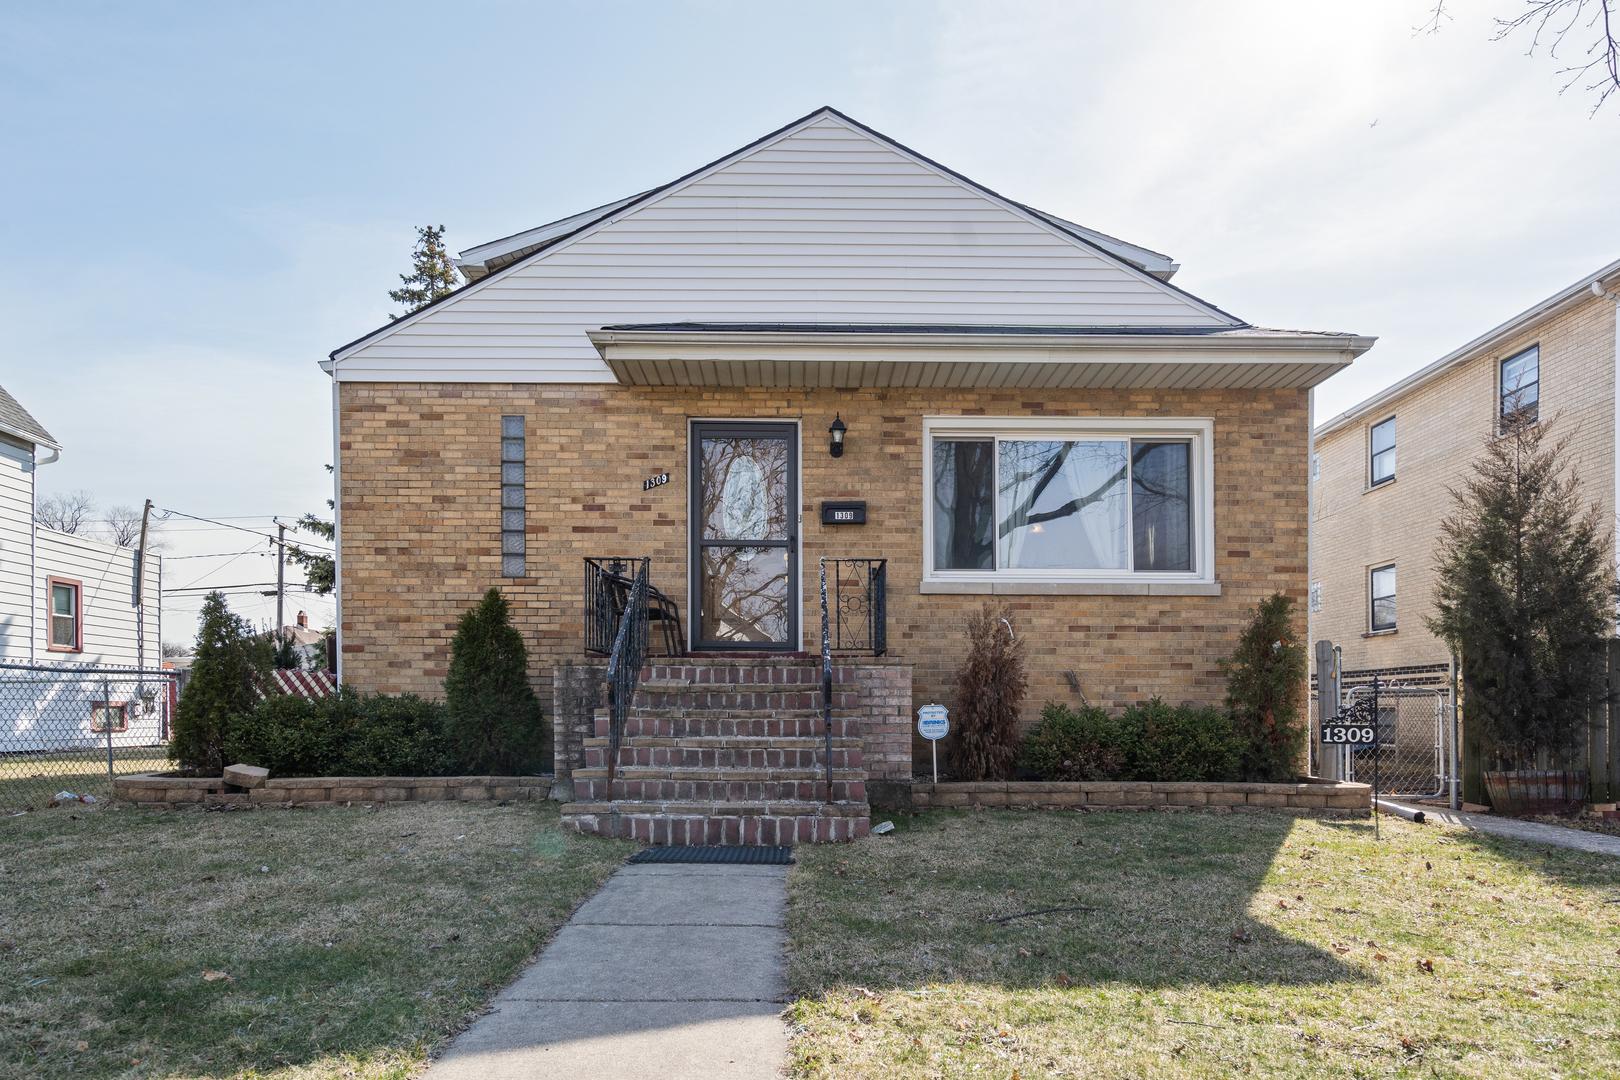 1309 North 16th Avenue Melrose Park, IL 60160